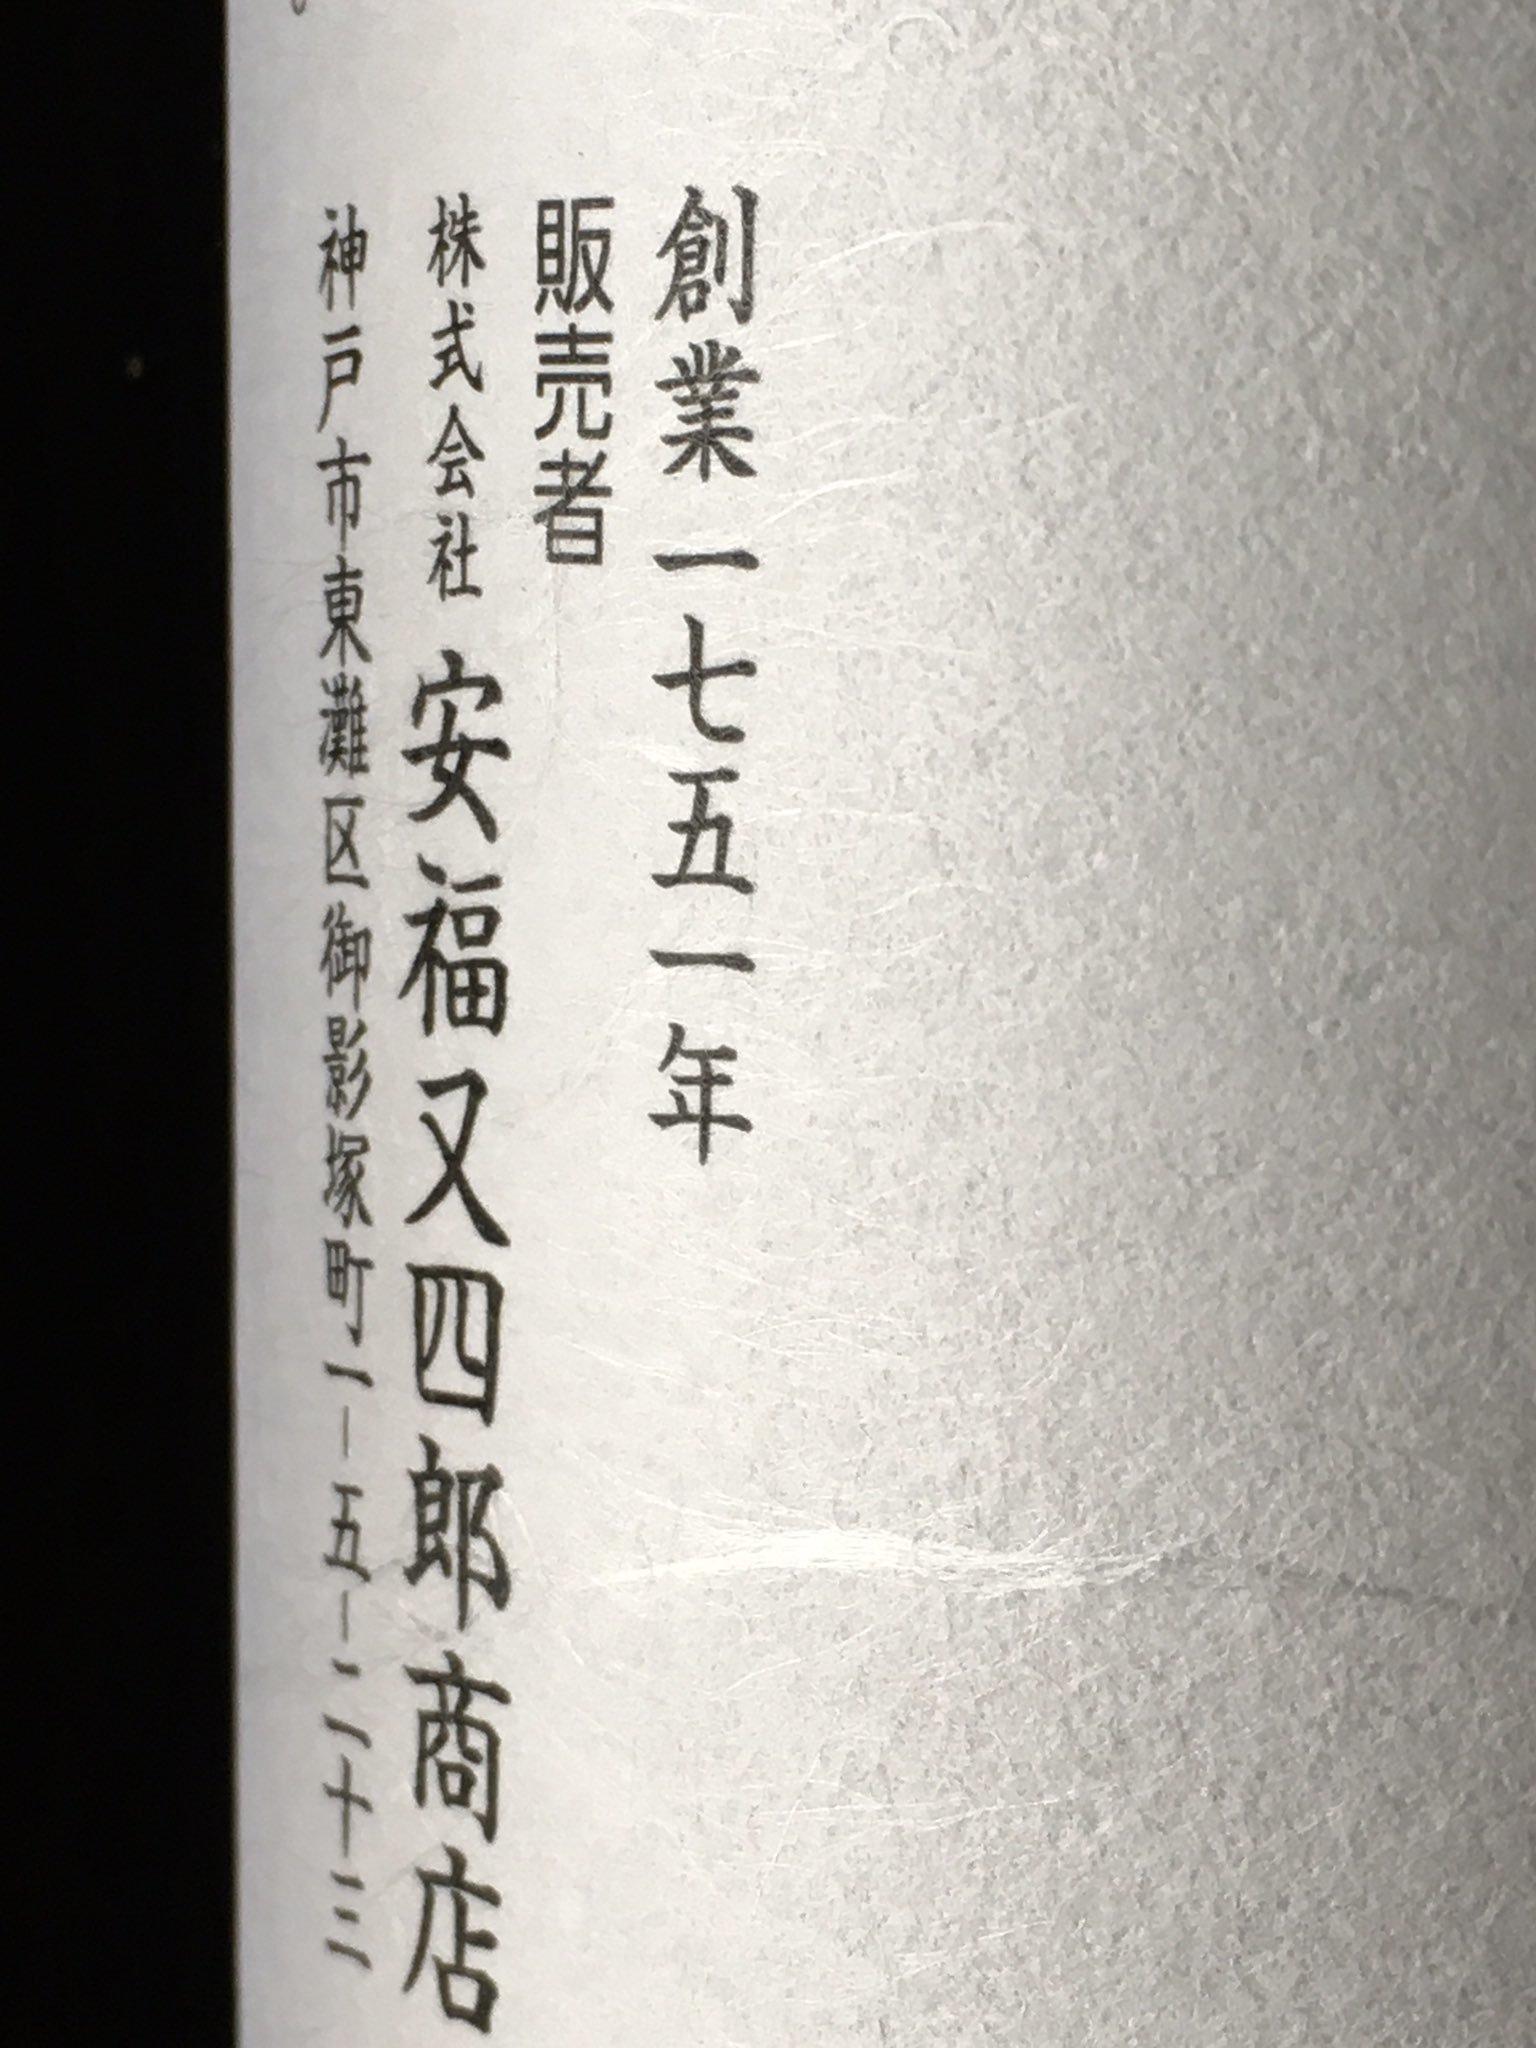 目覚める熟成酒/十一代目又四郎シークレットヴィンテージ2種 予約受付開始しました!_d0367608_12192153.jpg